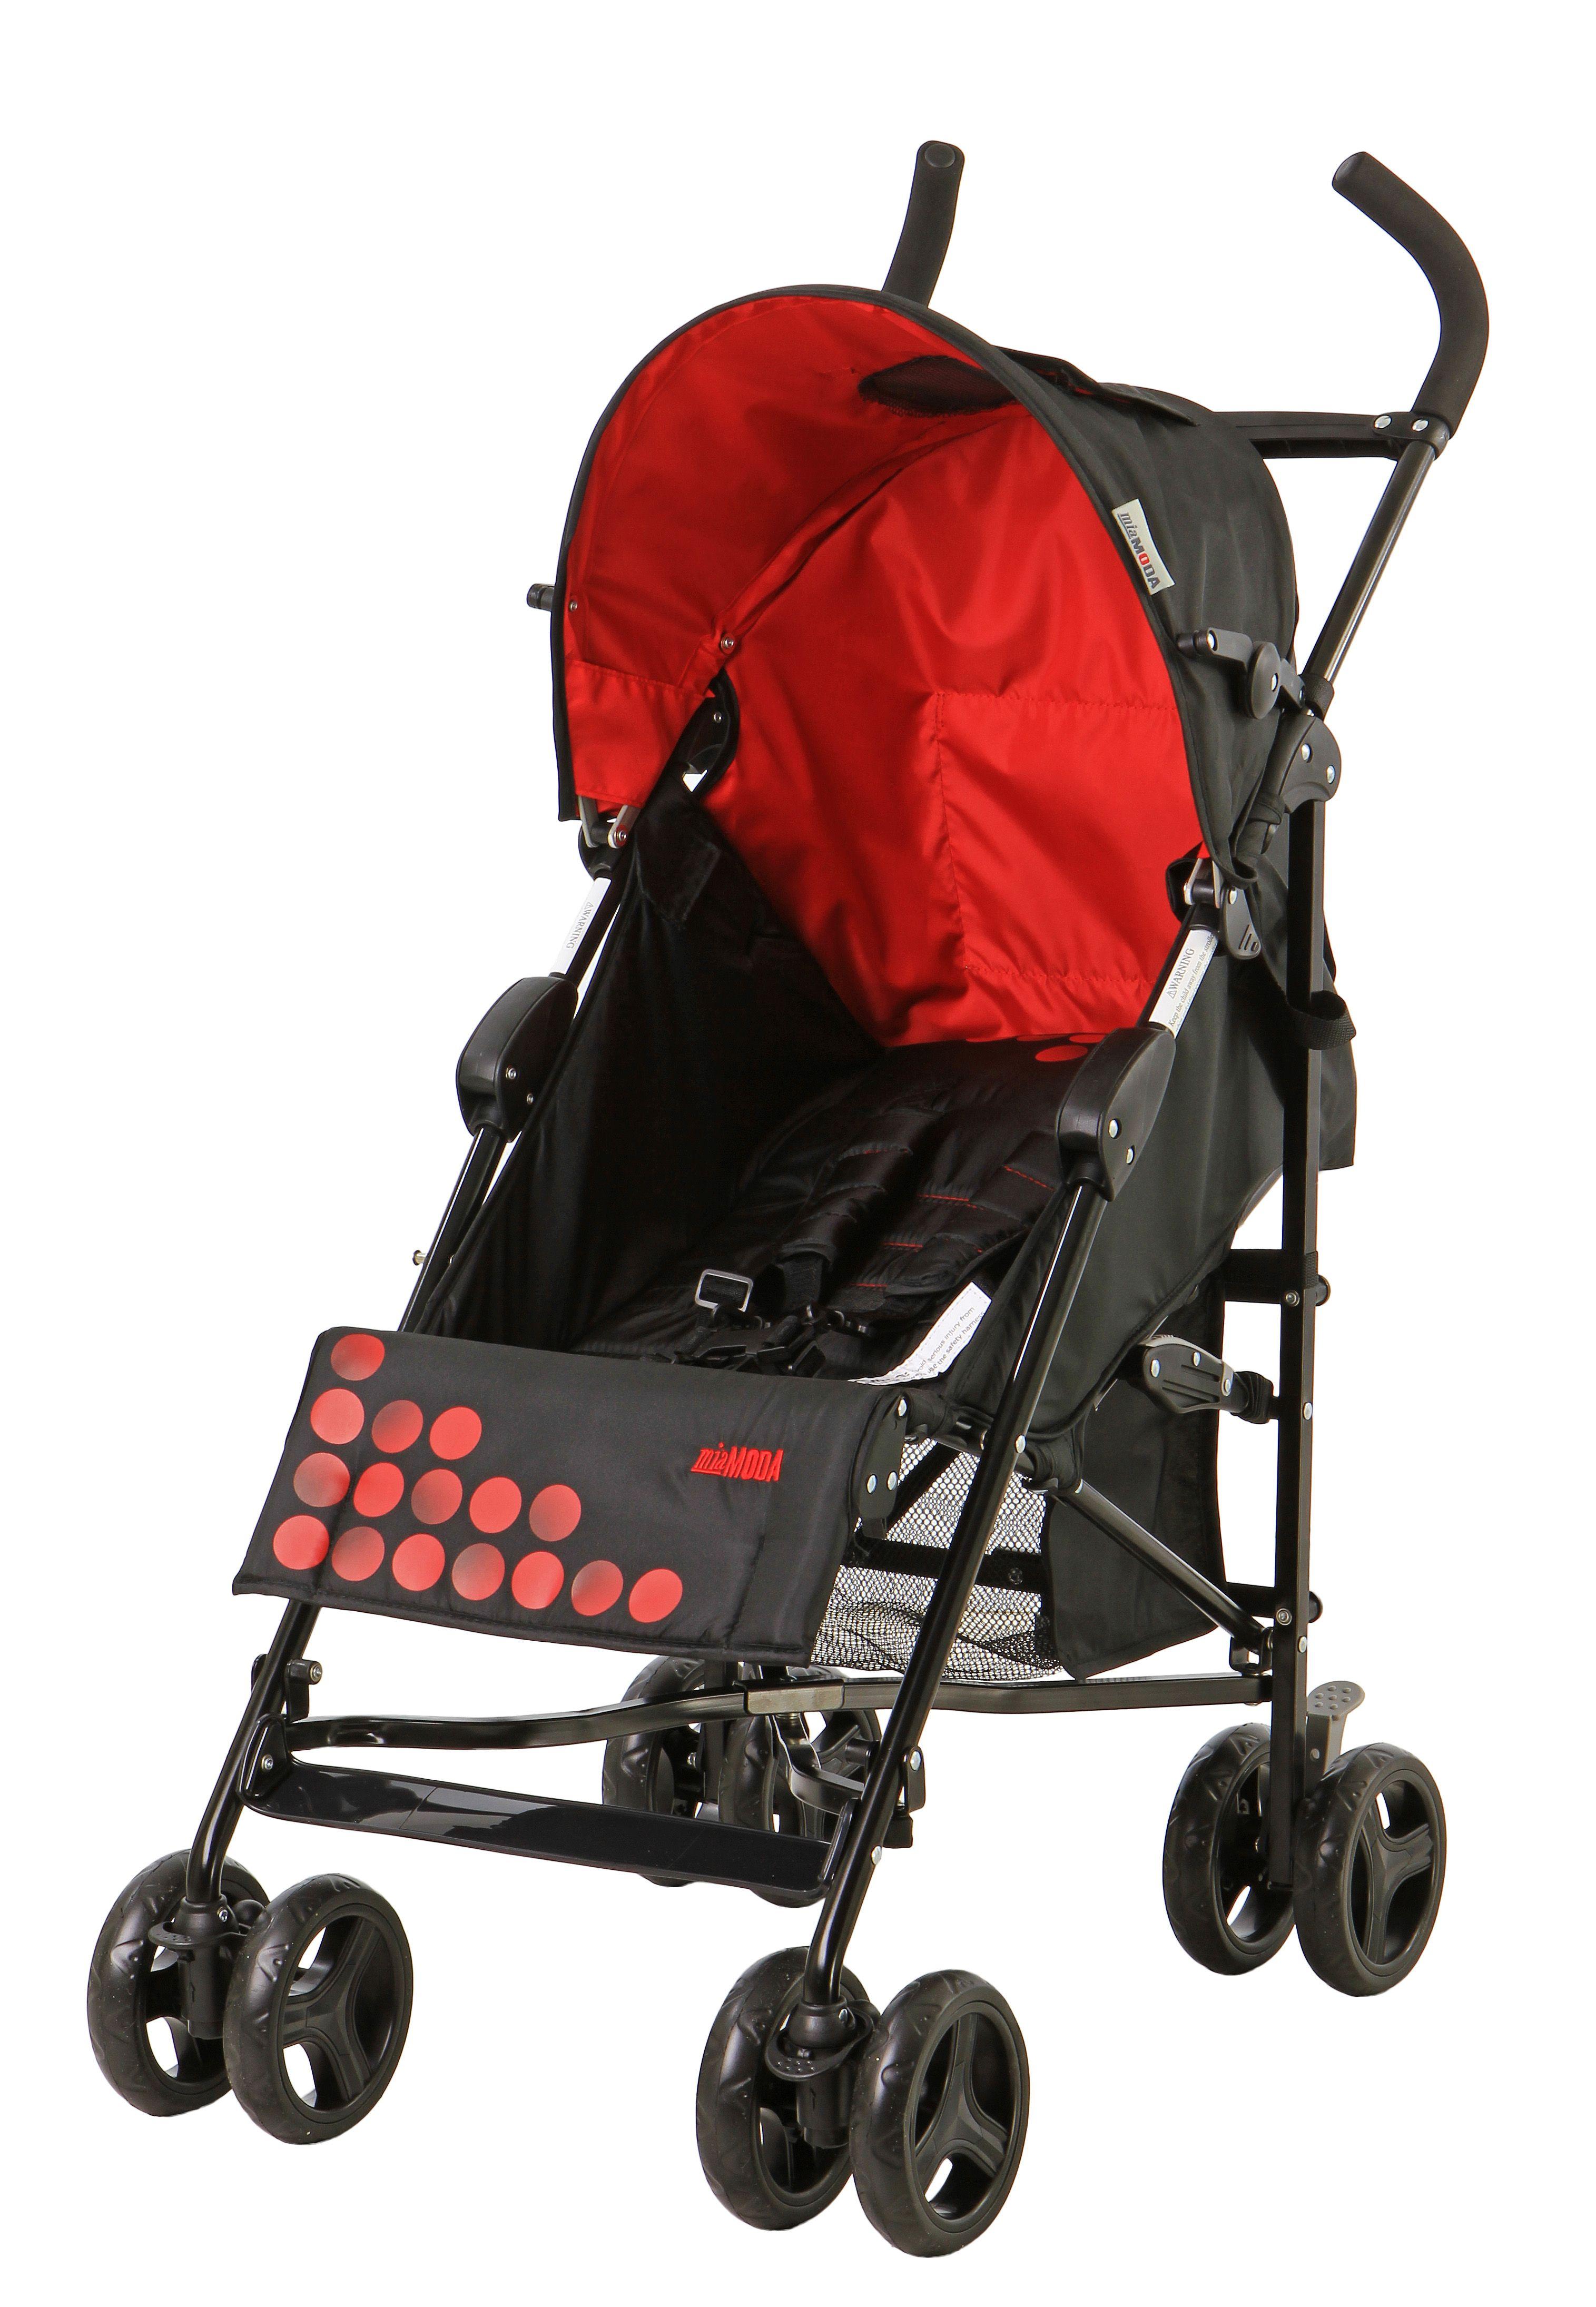 Mia Moda Facile Umbrella Stroller Black/Red Baby Baby Car